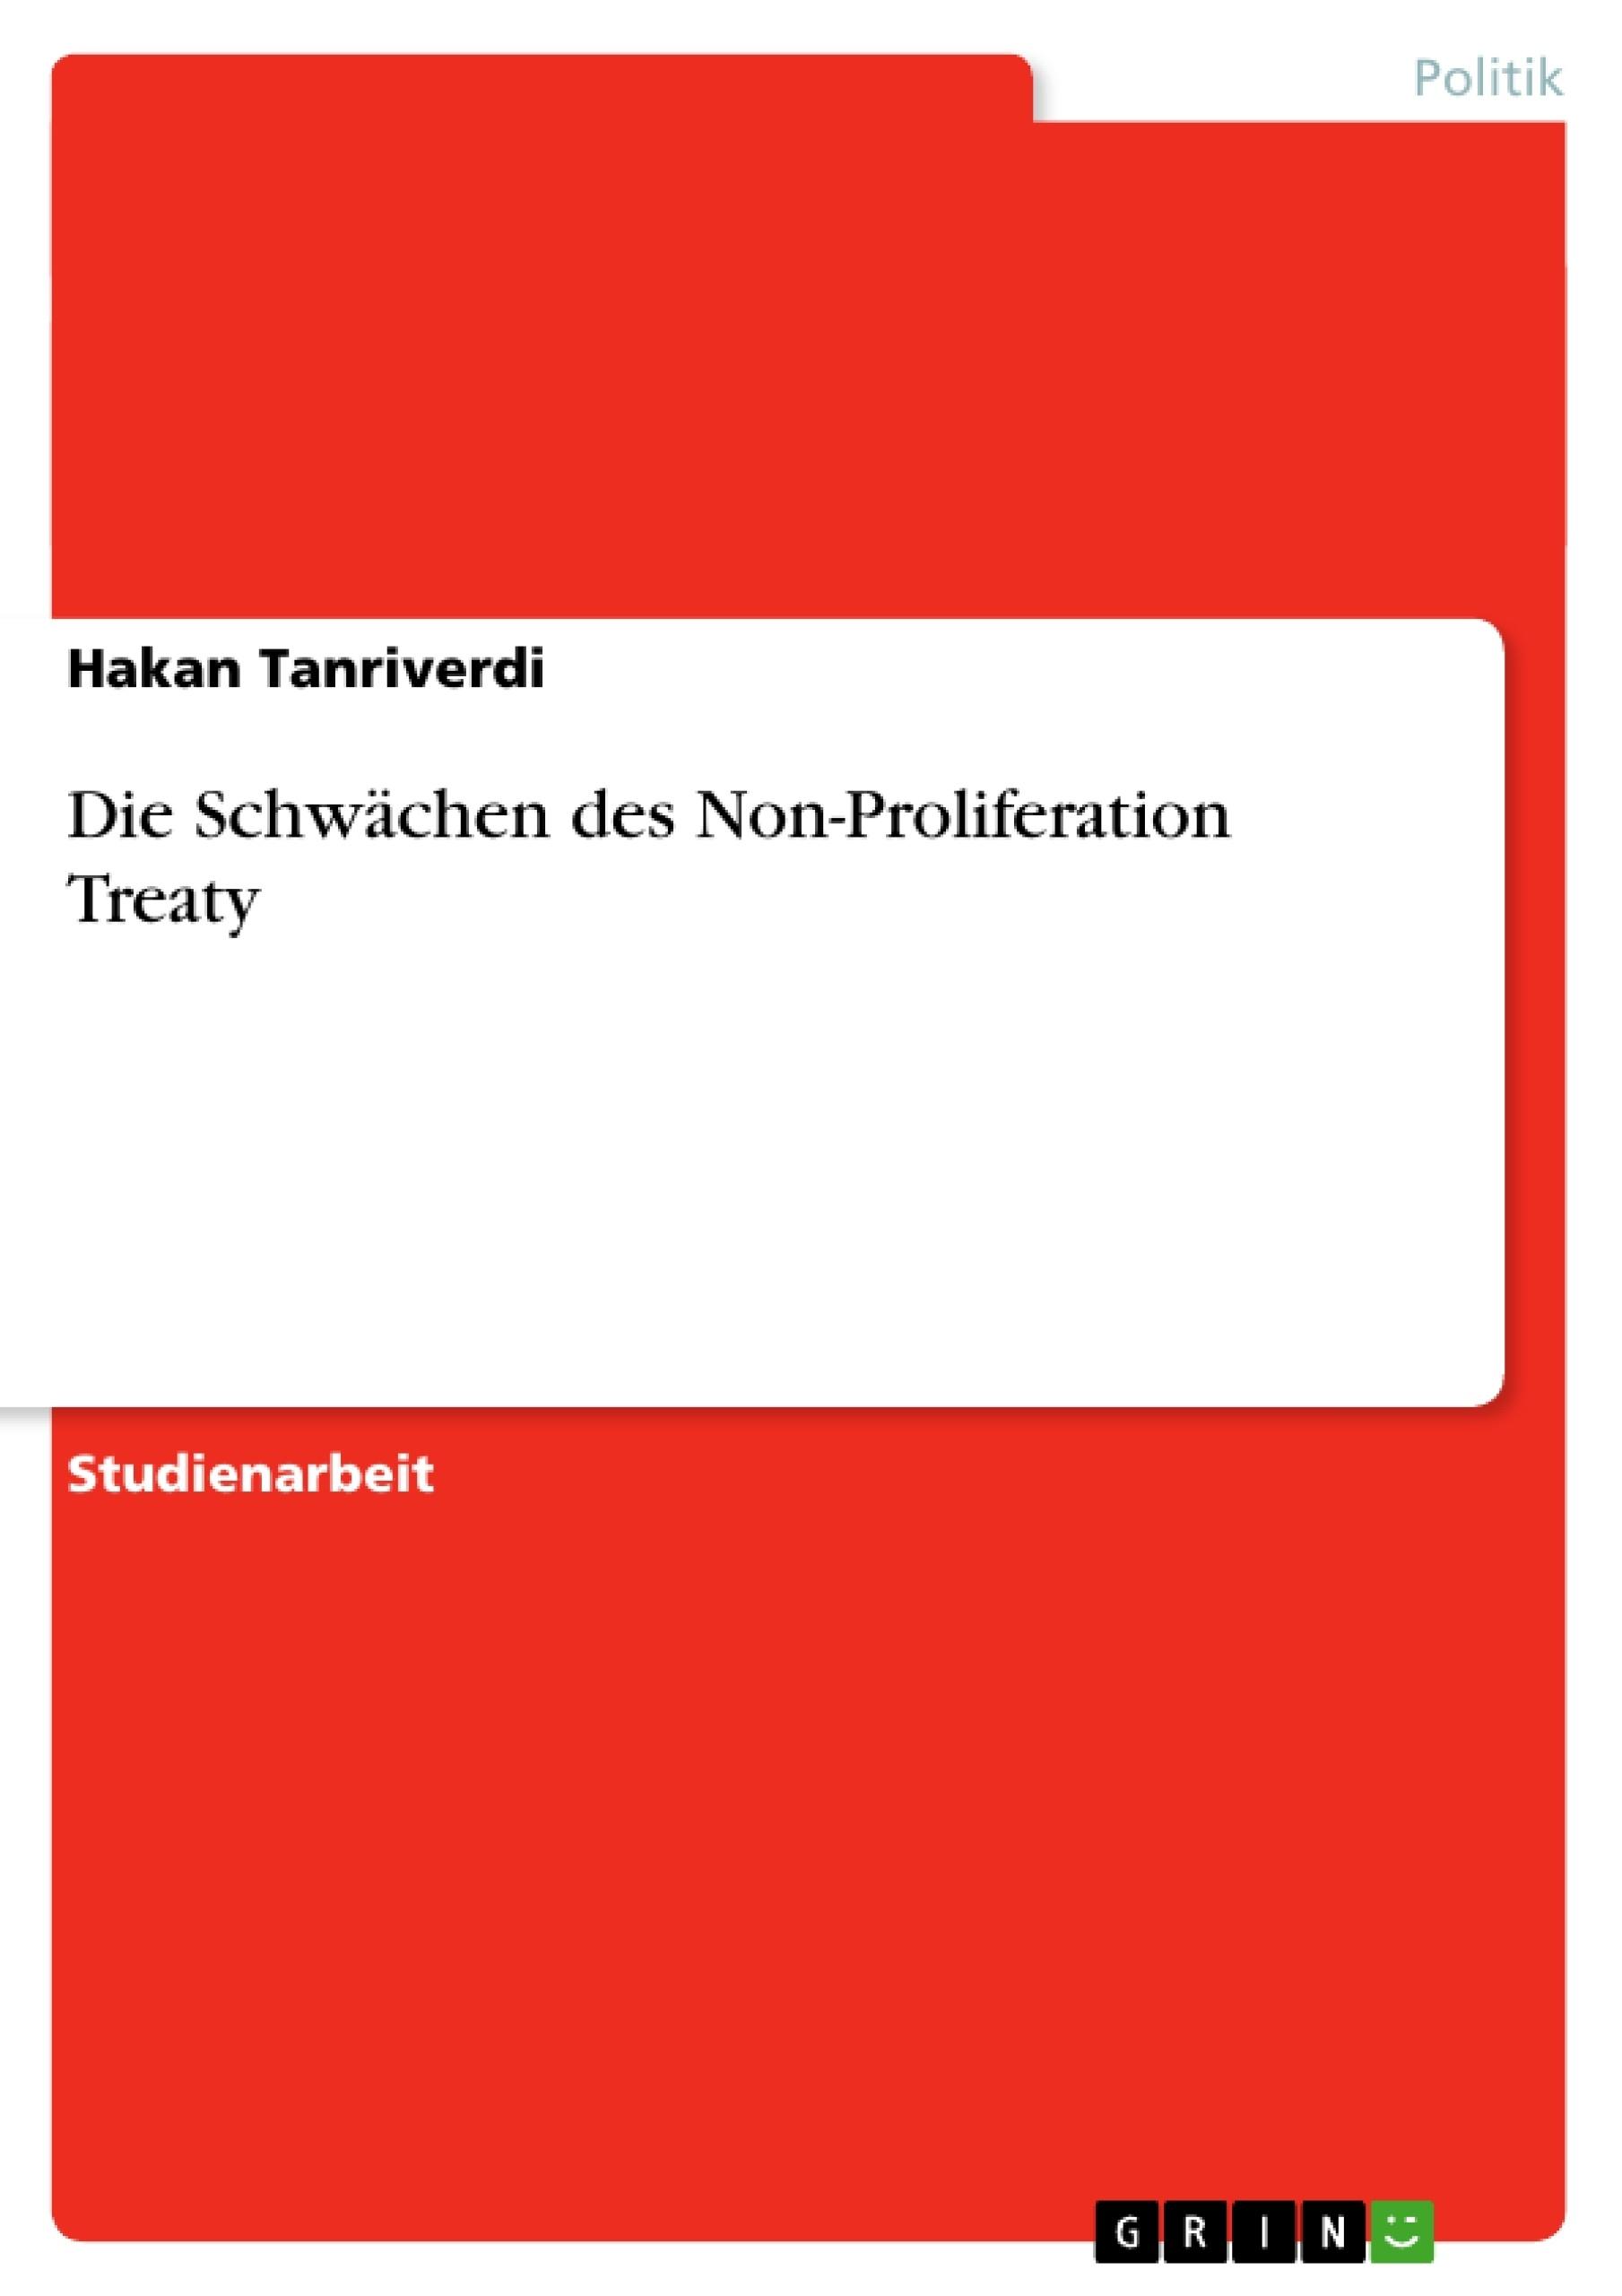 Titel: Die Schwächen des Non-Proliferation Treaty